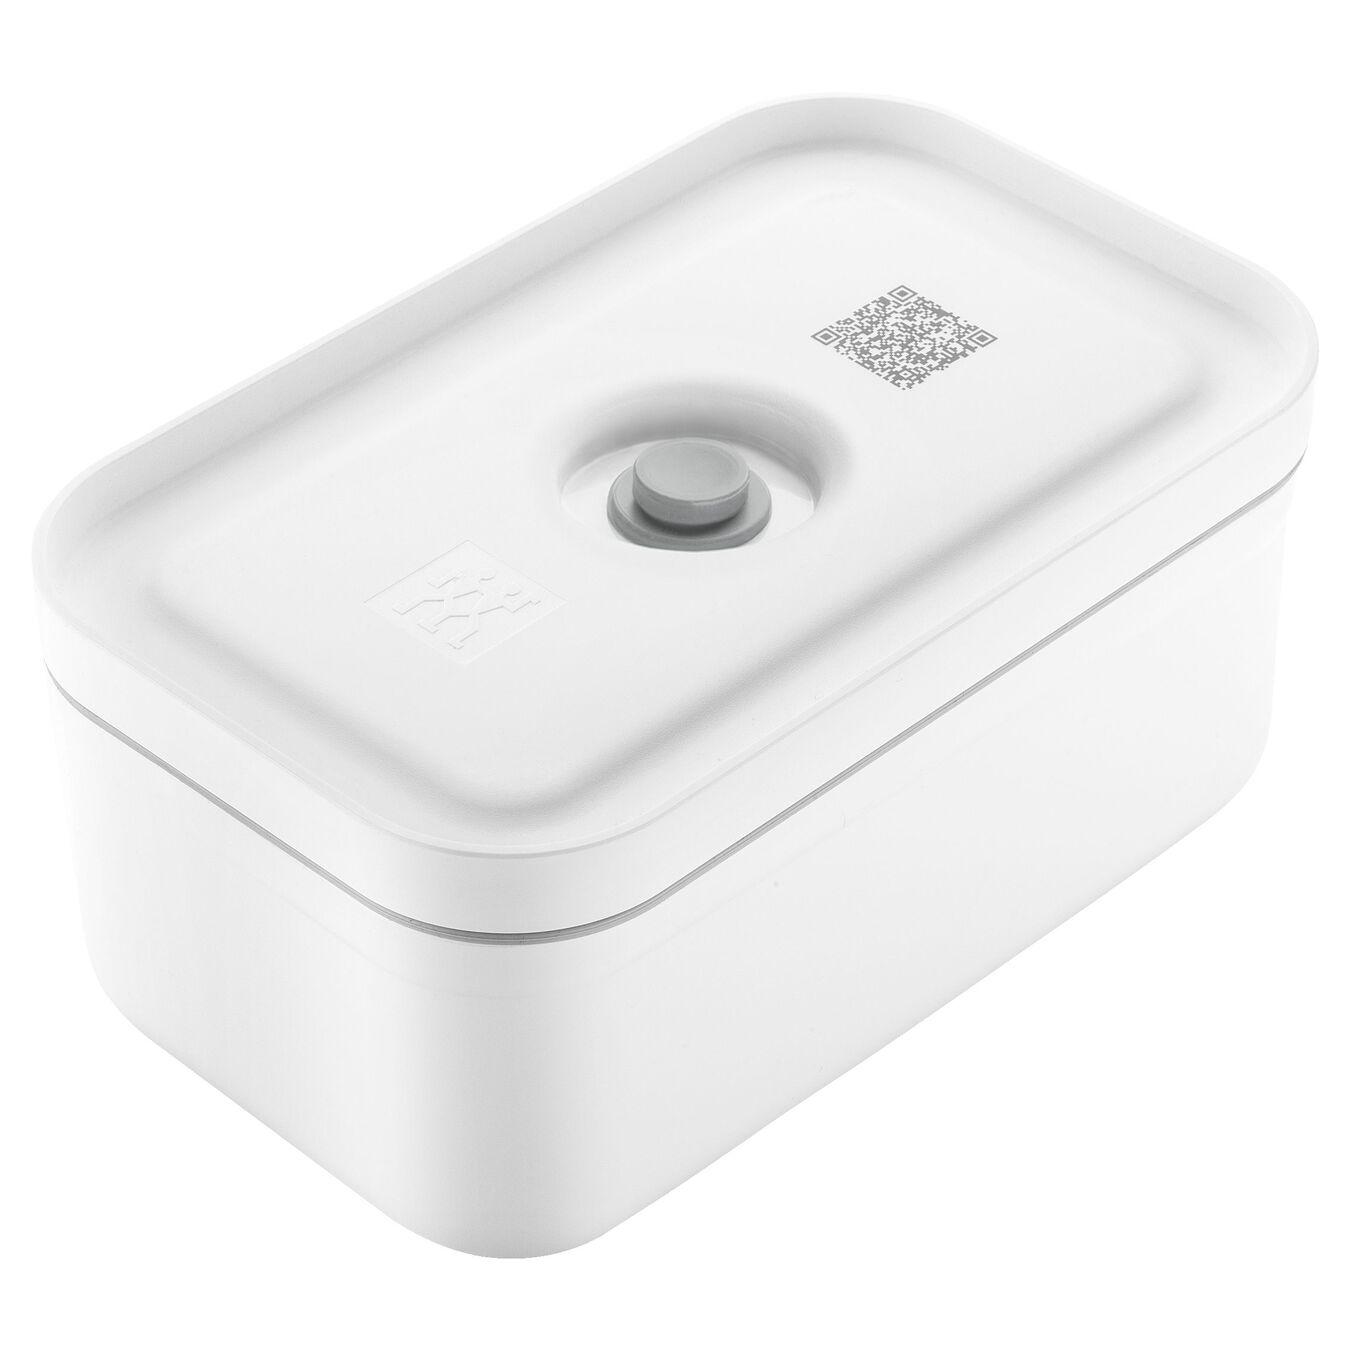 Primo set sottovuoto - mix / Contenitore vetro L/Lunchbox M, 7-pz.,,large 7